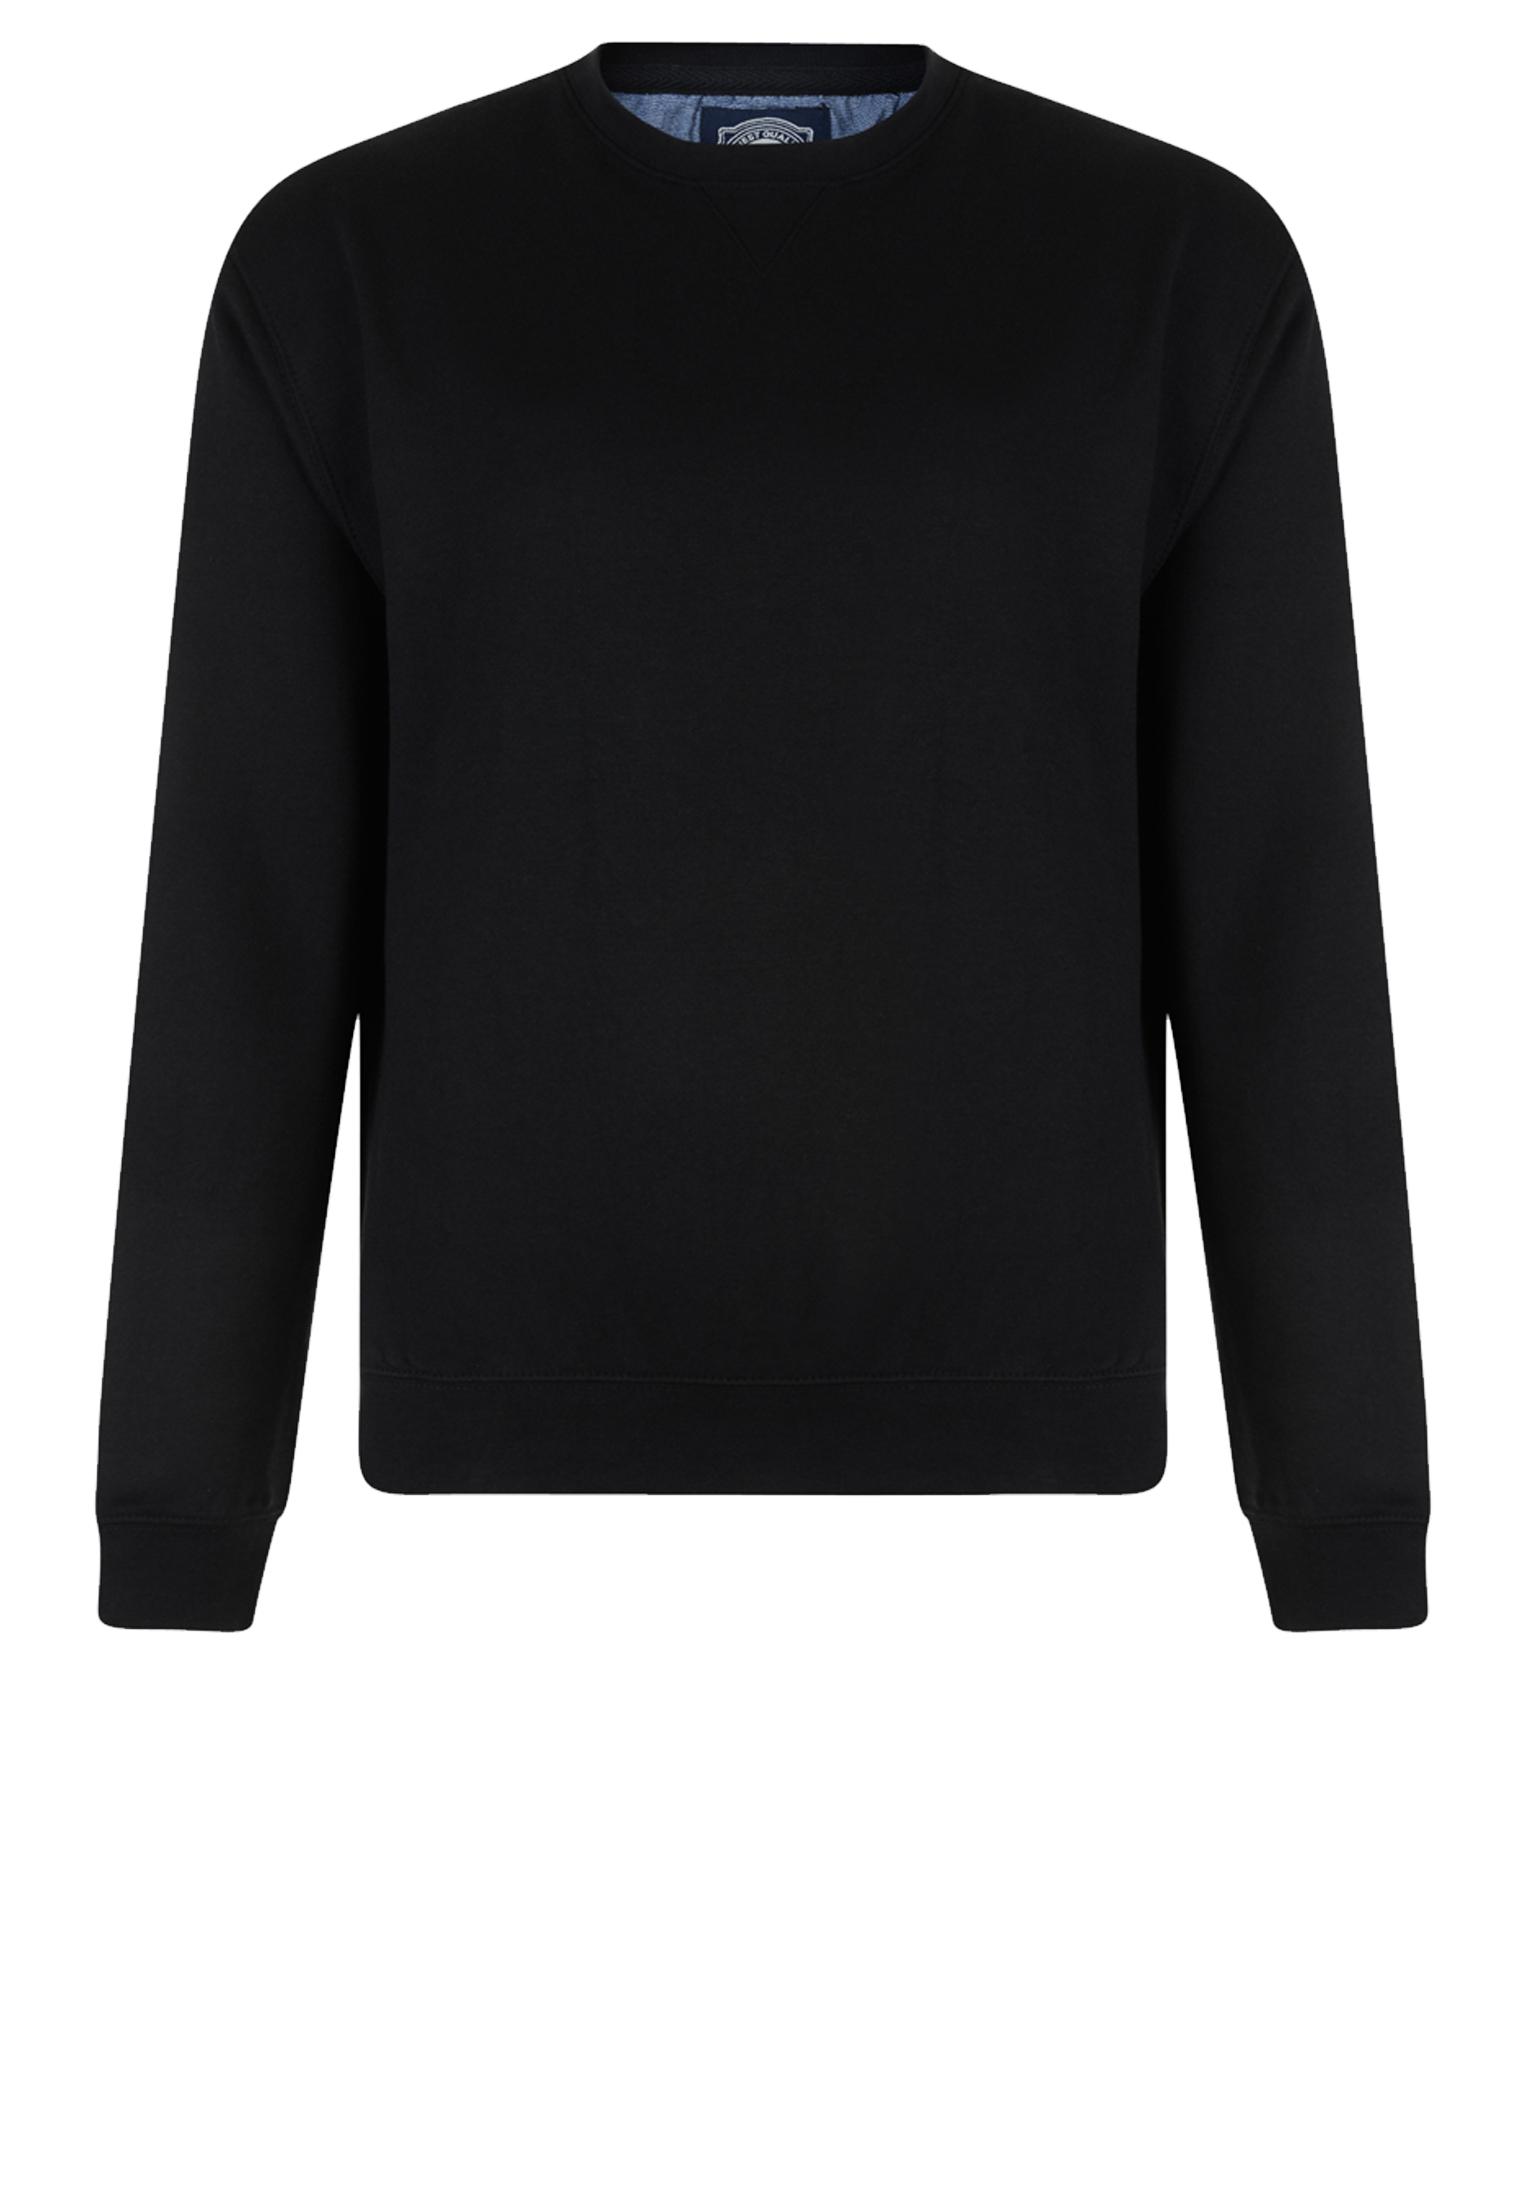 Modieuze KAM JEANSWEAR sweater met ronde hals in de kleur zwart.